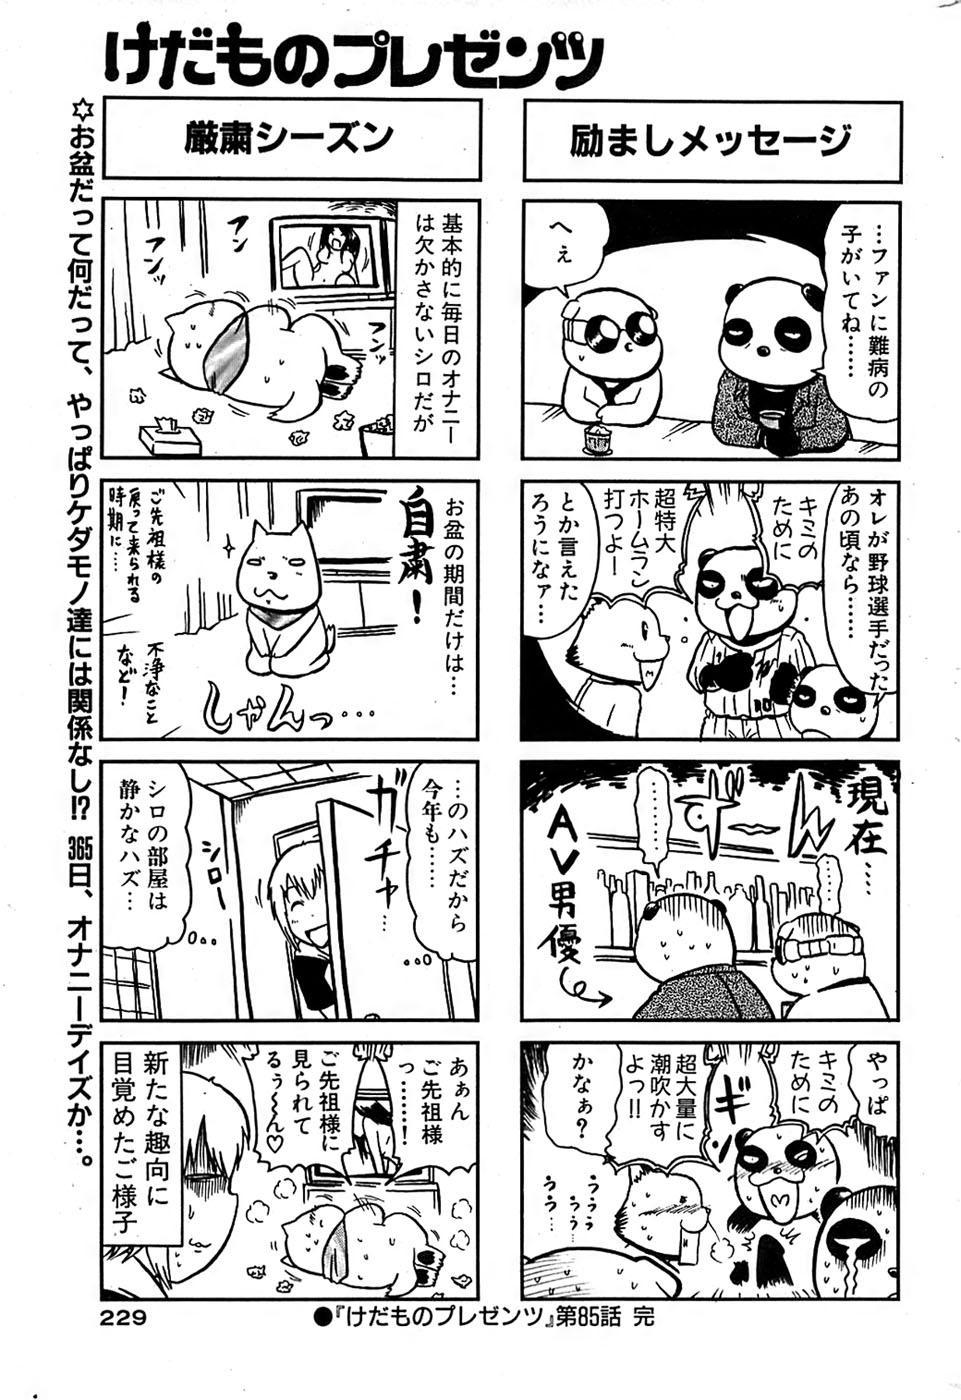 Comic Bazooka 2007-09 228